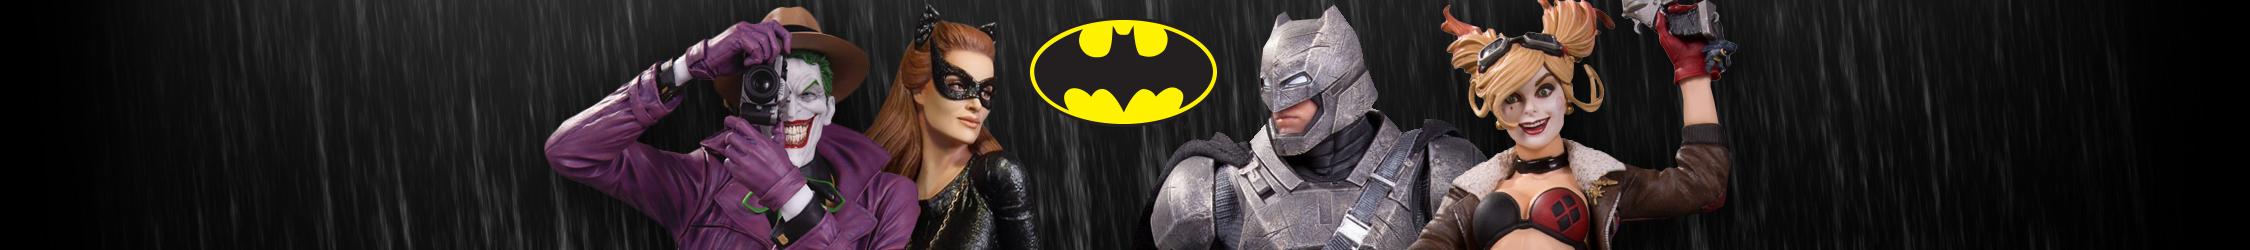 Batman Toys, Batman Action Figures & Collectibles